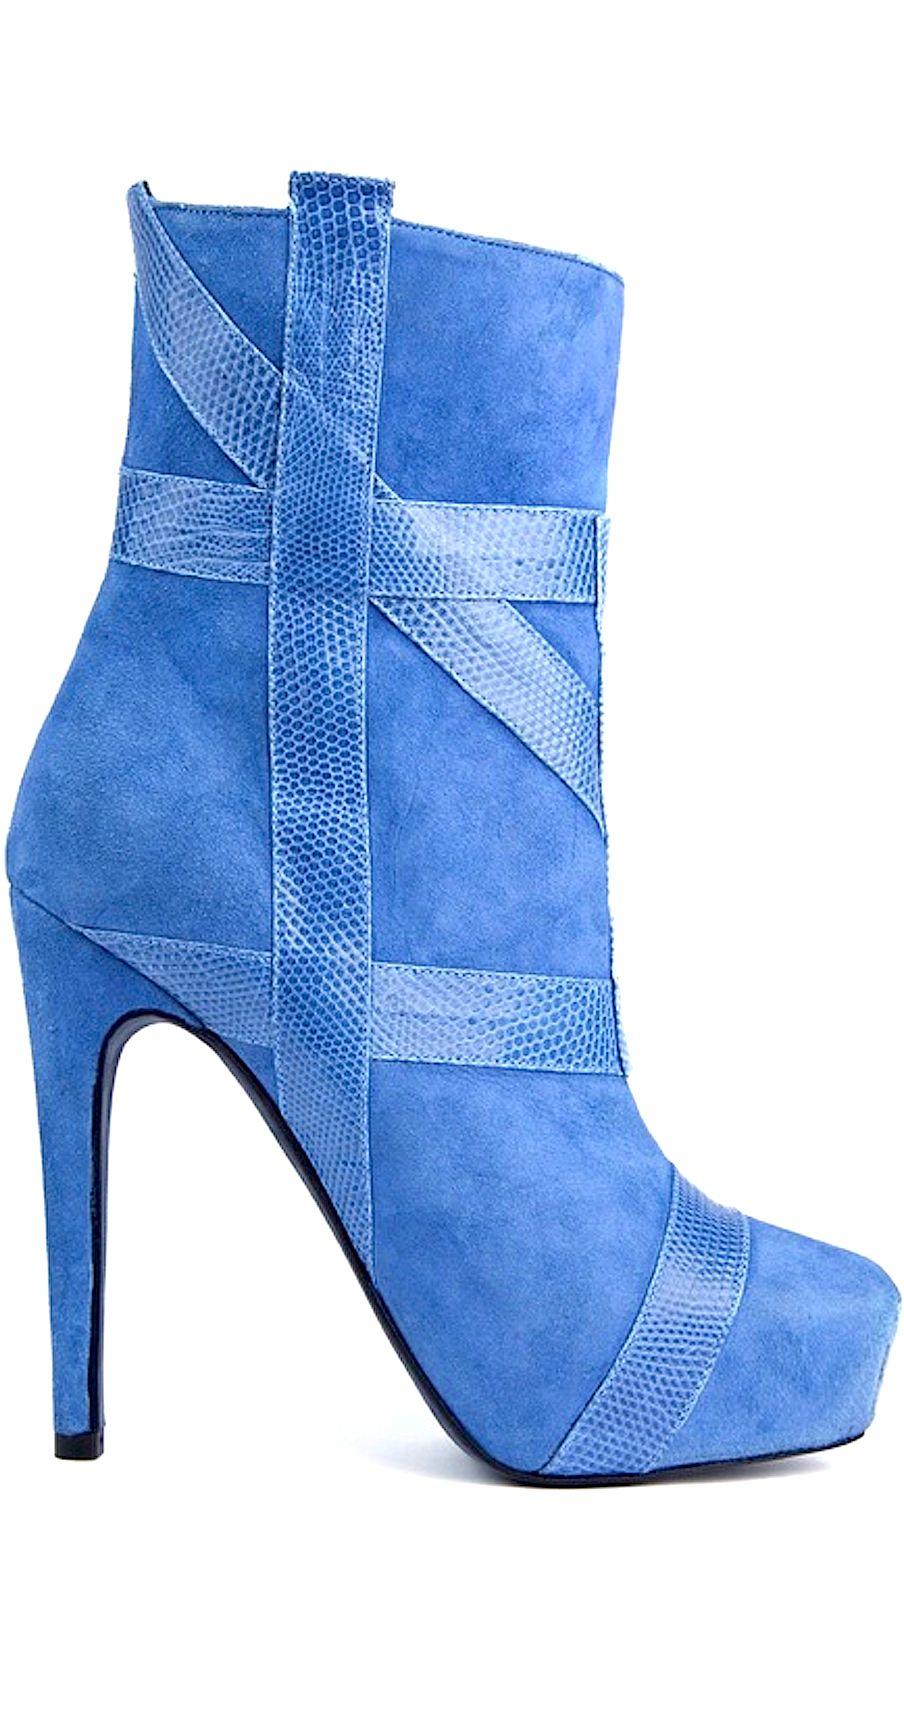 755a0c5b6fc Aperlai...LOVE this shade of blue!  3